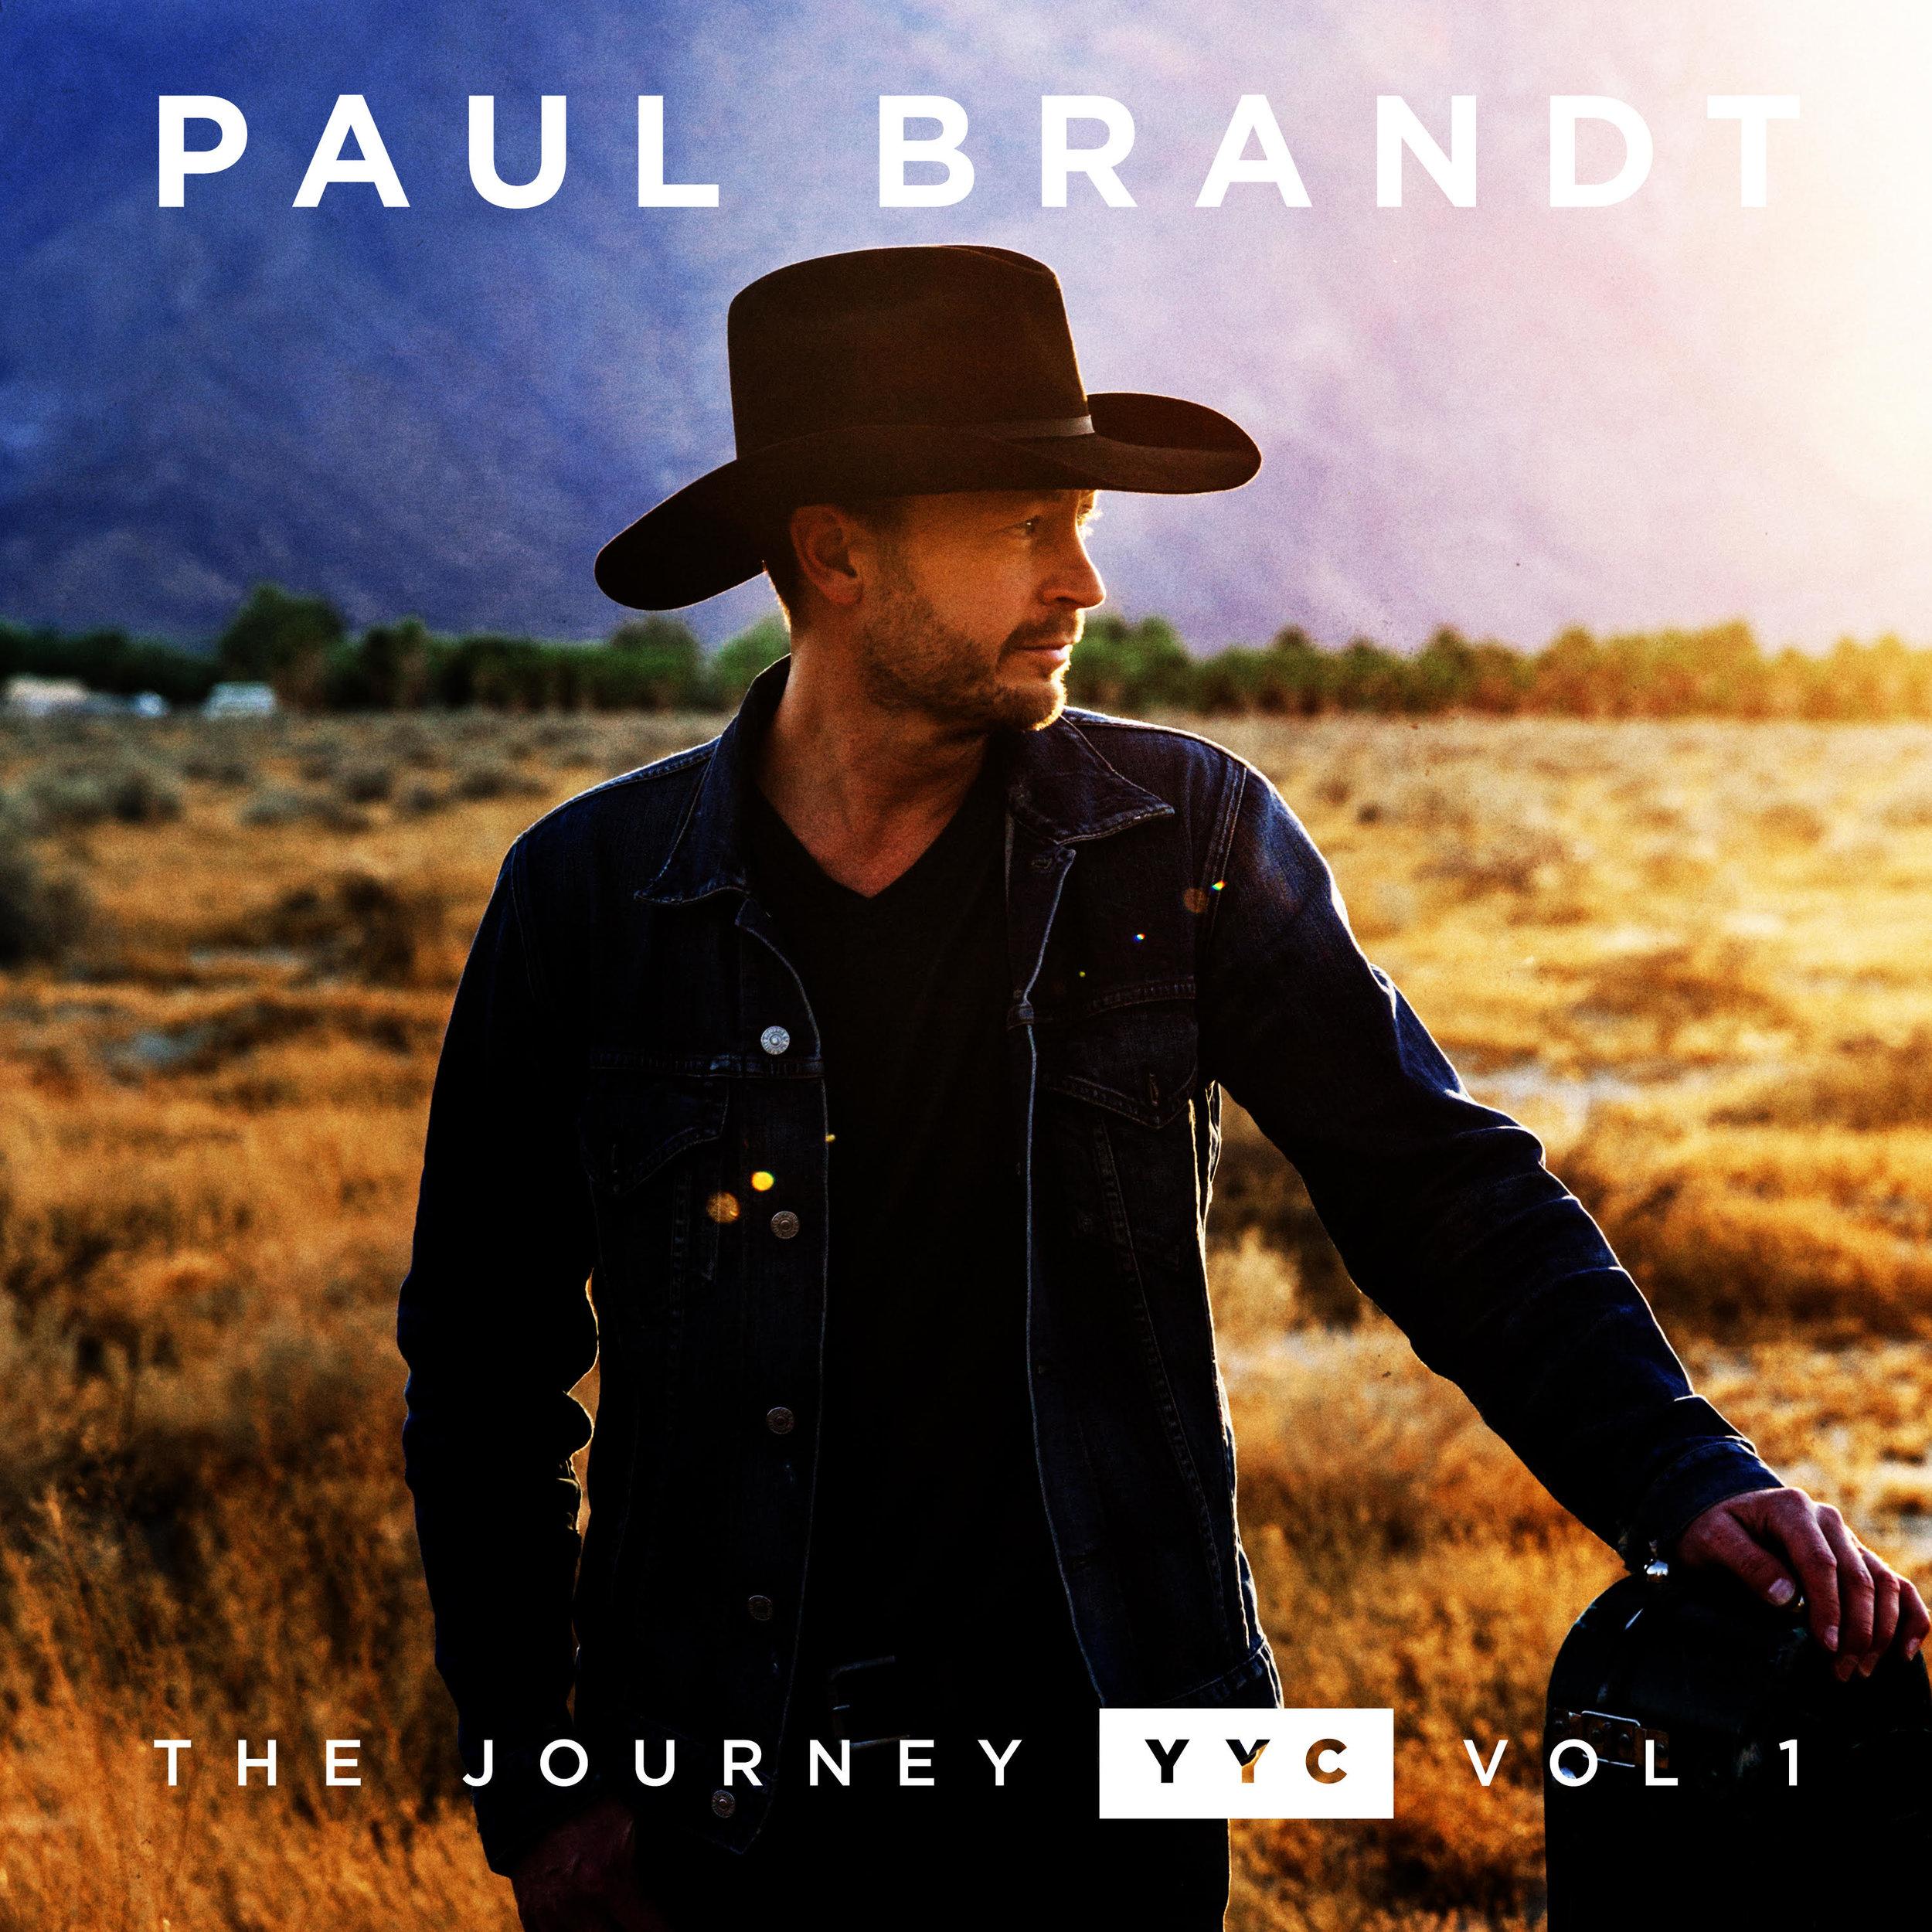 PaulBrandt-AlbumCover.jpg